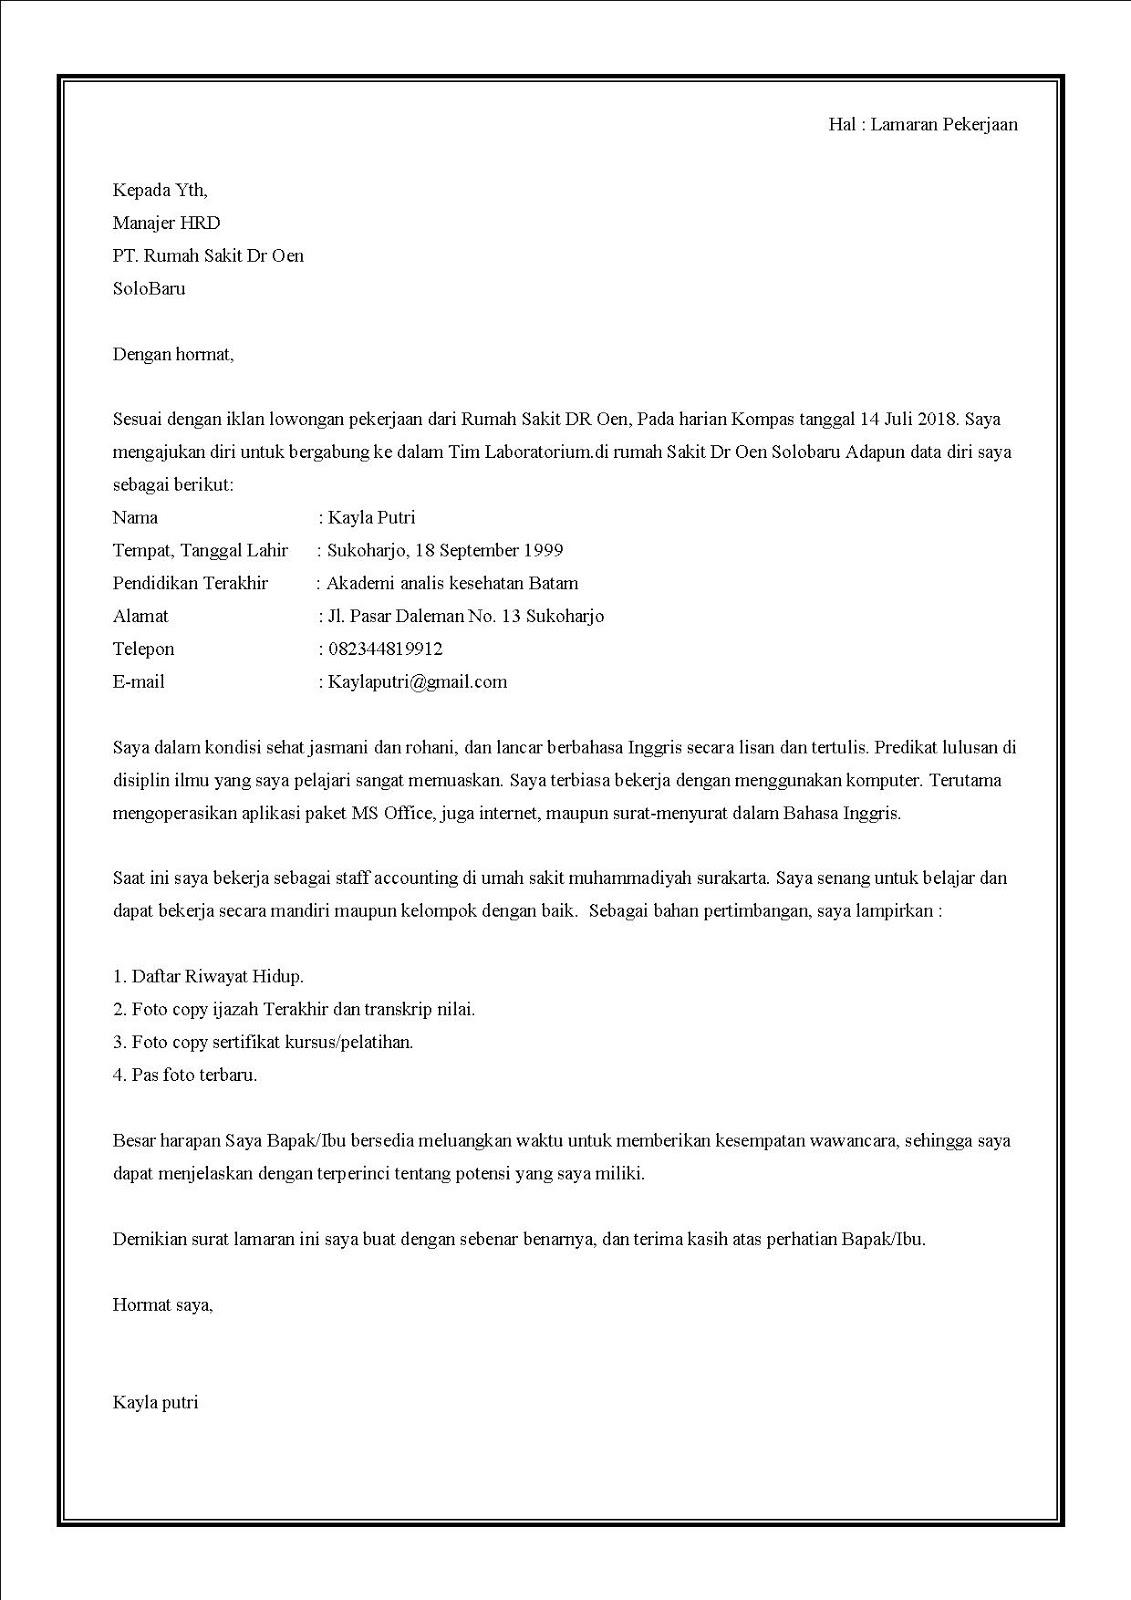 Contoh surat lamaran kerja di rumah sakit sebagai analis kesehatan